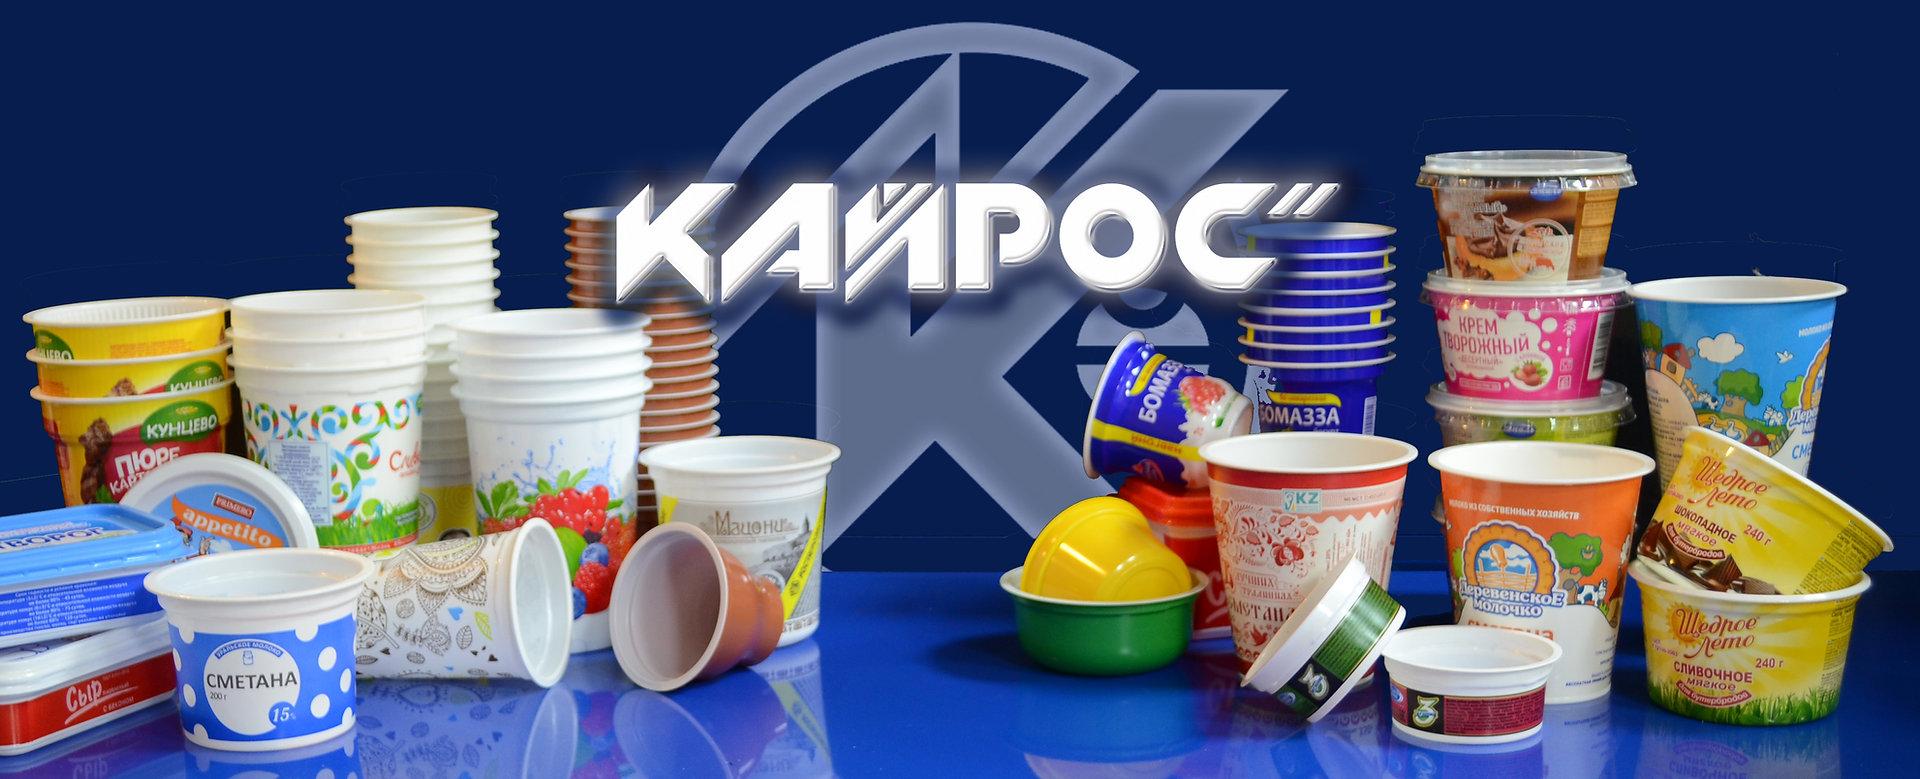 """ЗАО Фирма """"Кайрос"""", банки, стаканы, термоусадочная этикетка, банка в обечайке, комбинированные материалы,крышки-нахлобучкит, крышки с самоклеящйся этикеткой,"""